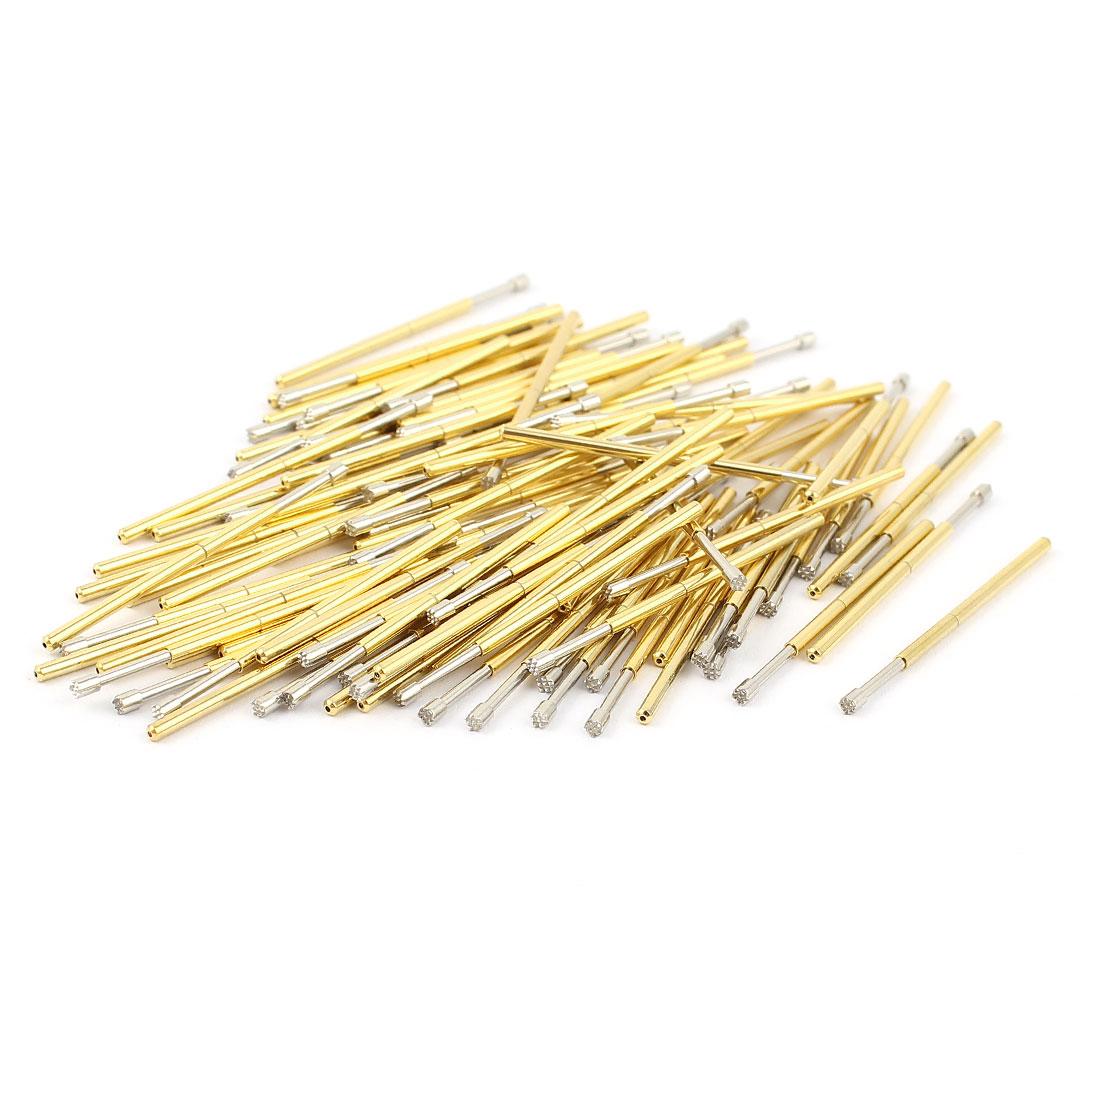 100 Pcs P100-H2 1.5mm 9-Point Crown Tip Spring Testing Probes Pin